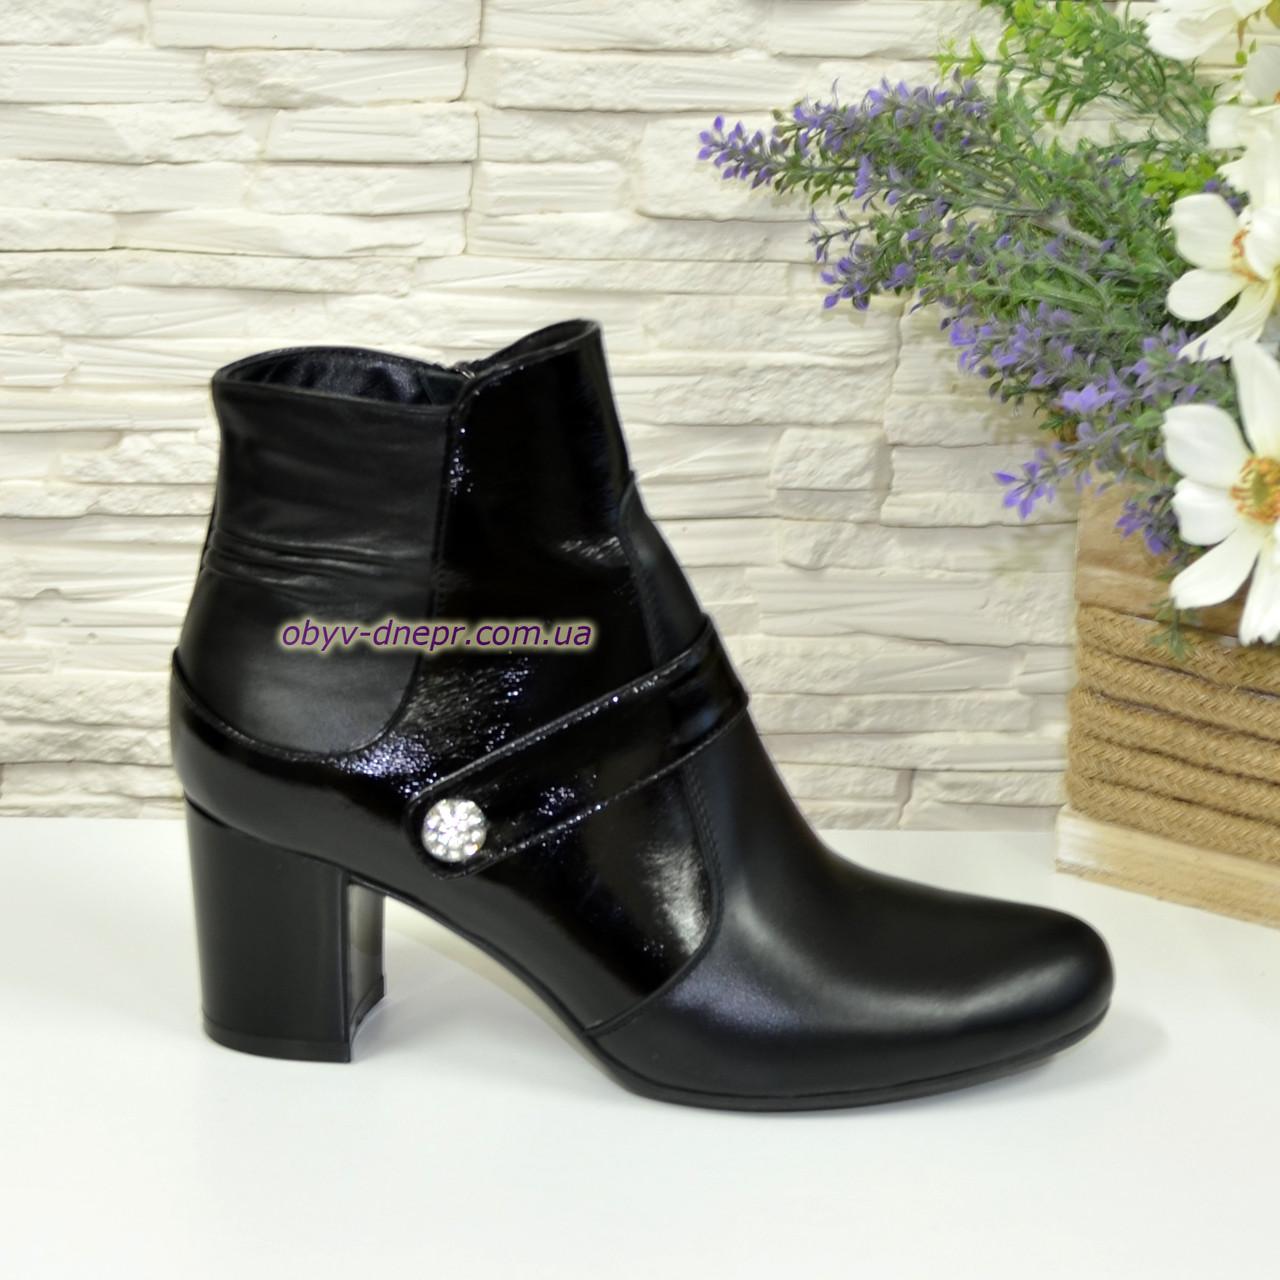 Женские ботинки на невысоком каблуке, натуральная кожа и лак